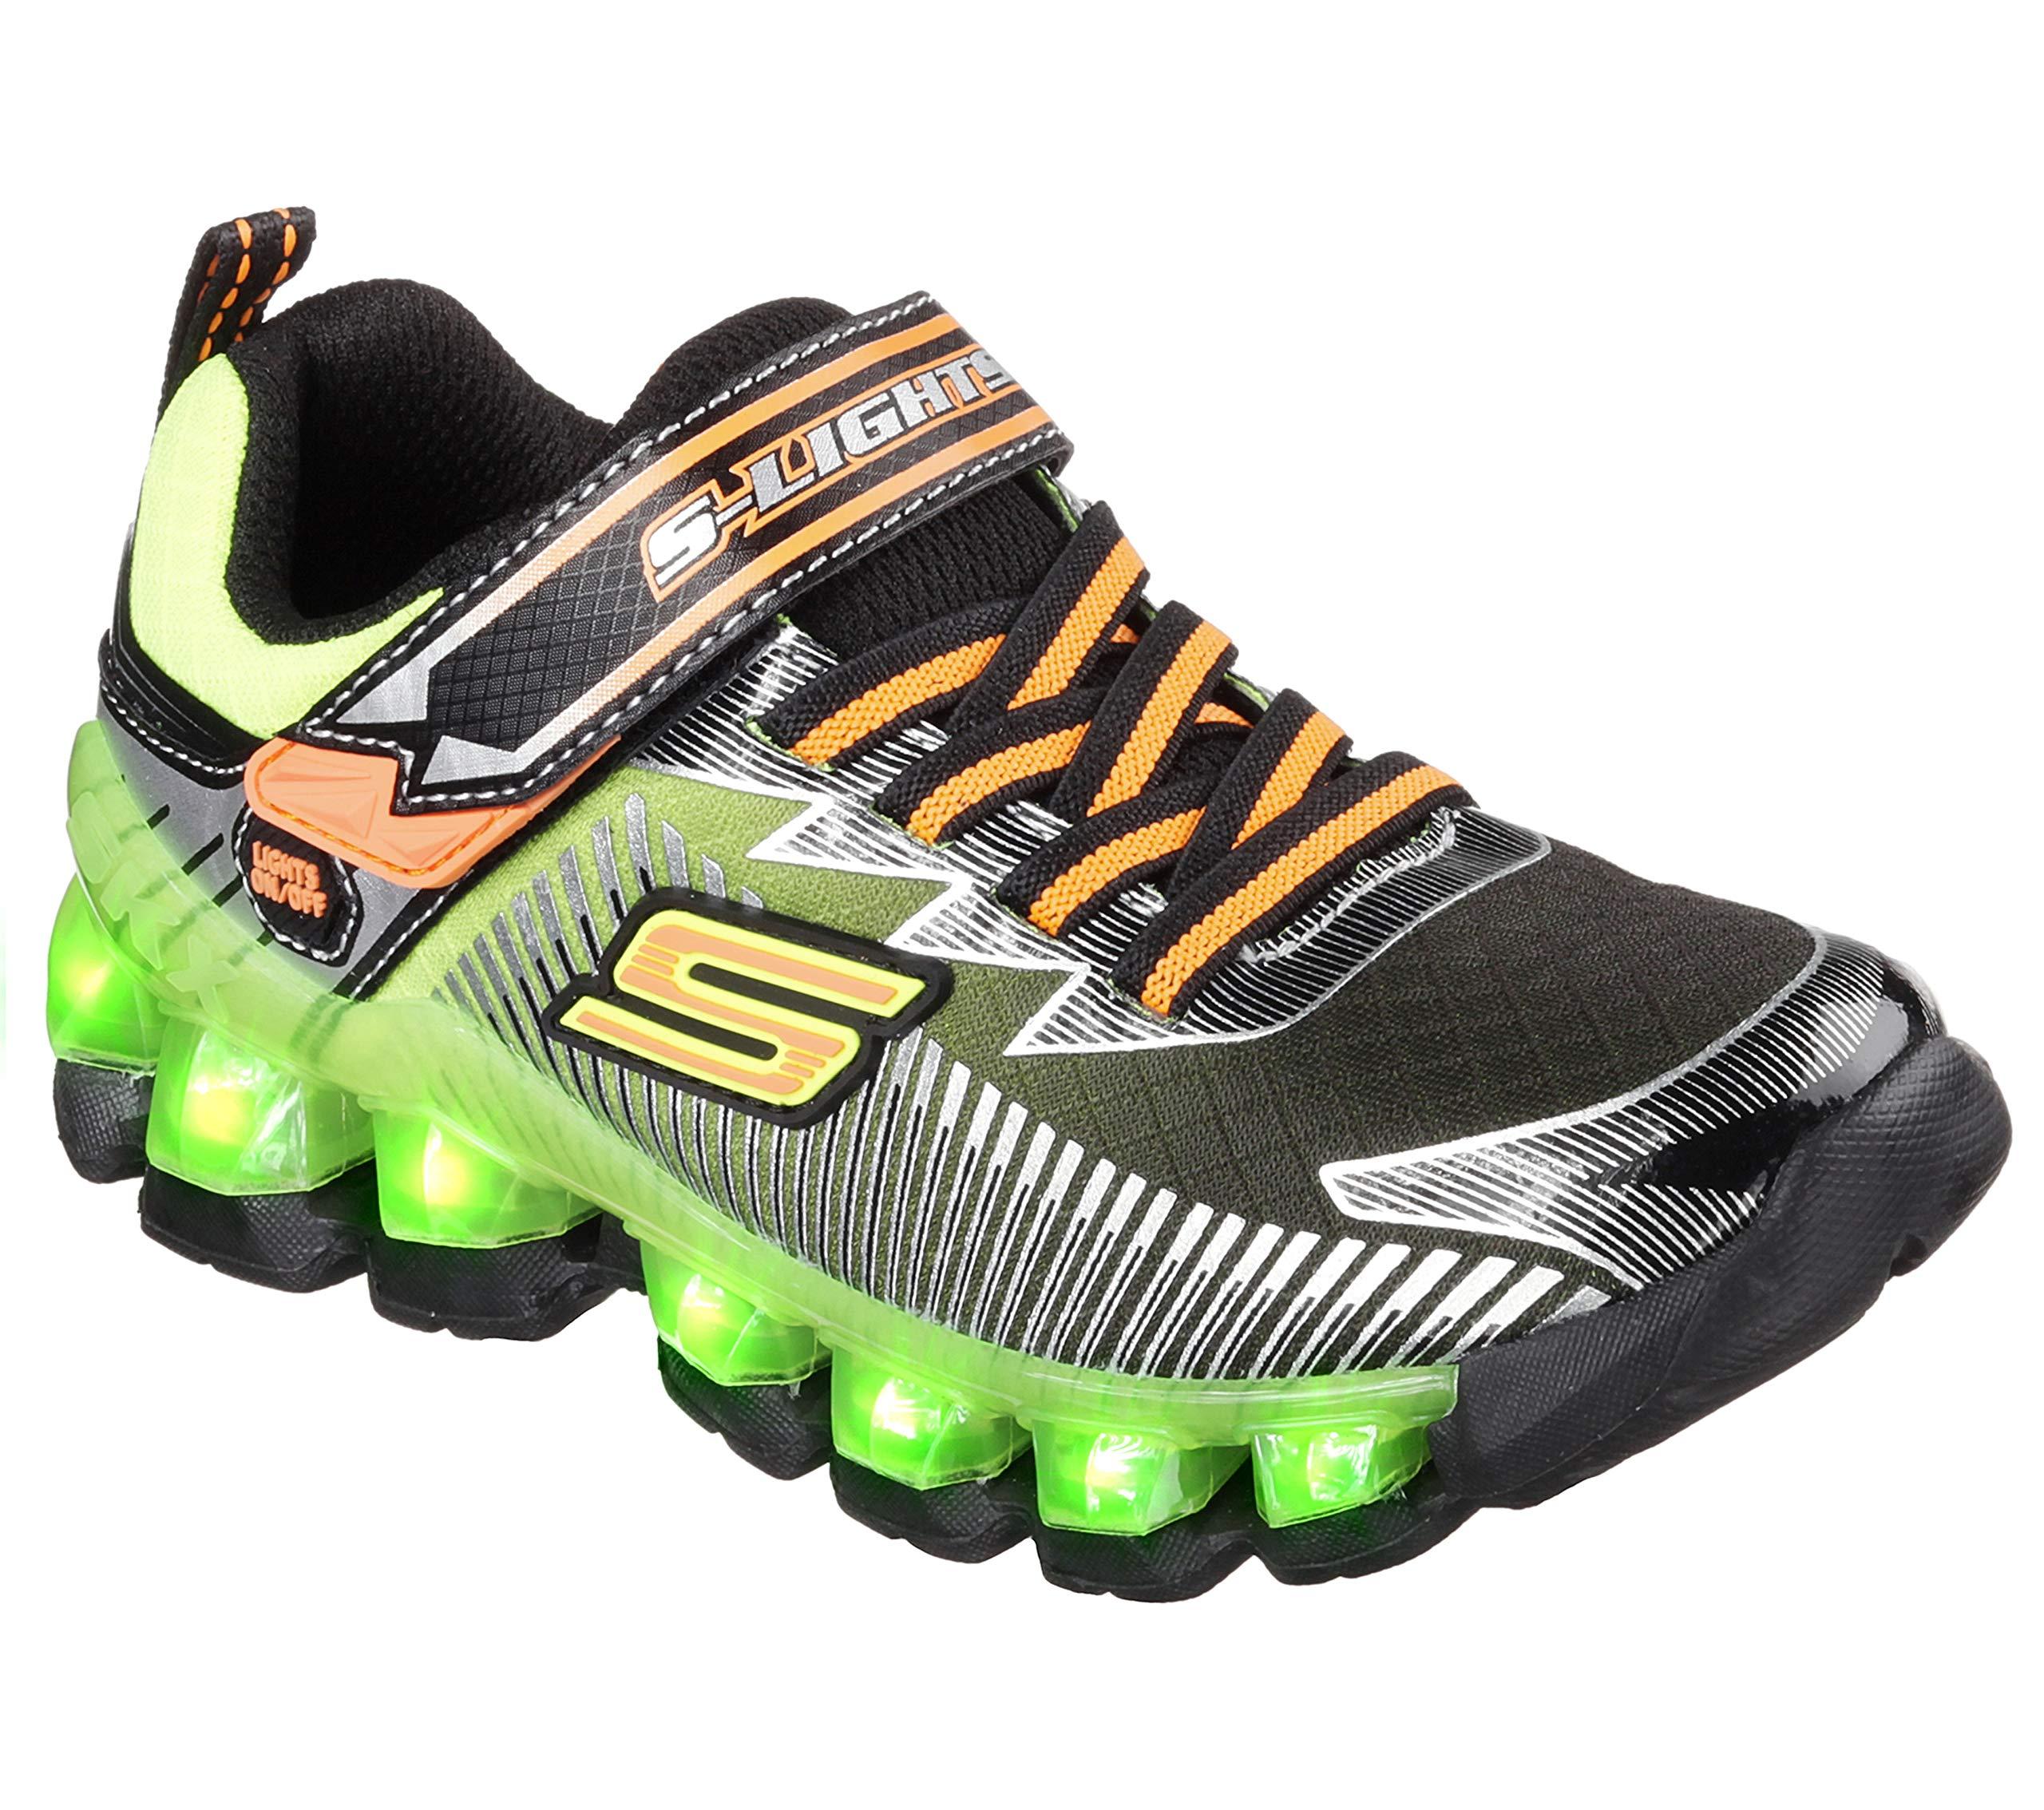 Skechers Kids Flashpod - Scoria Sneaker ,Black/Lime, 12.5 Little Kid M